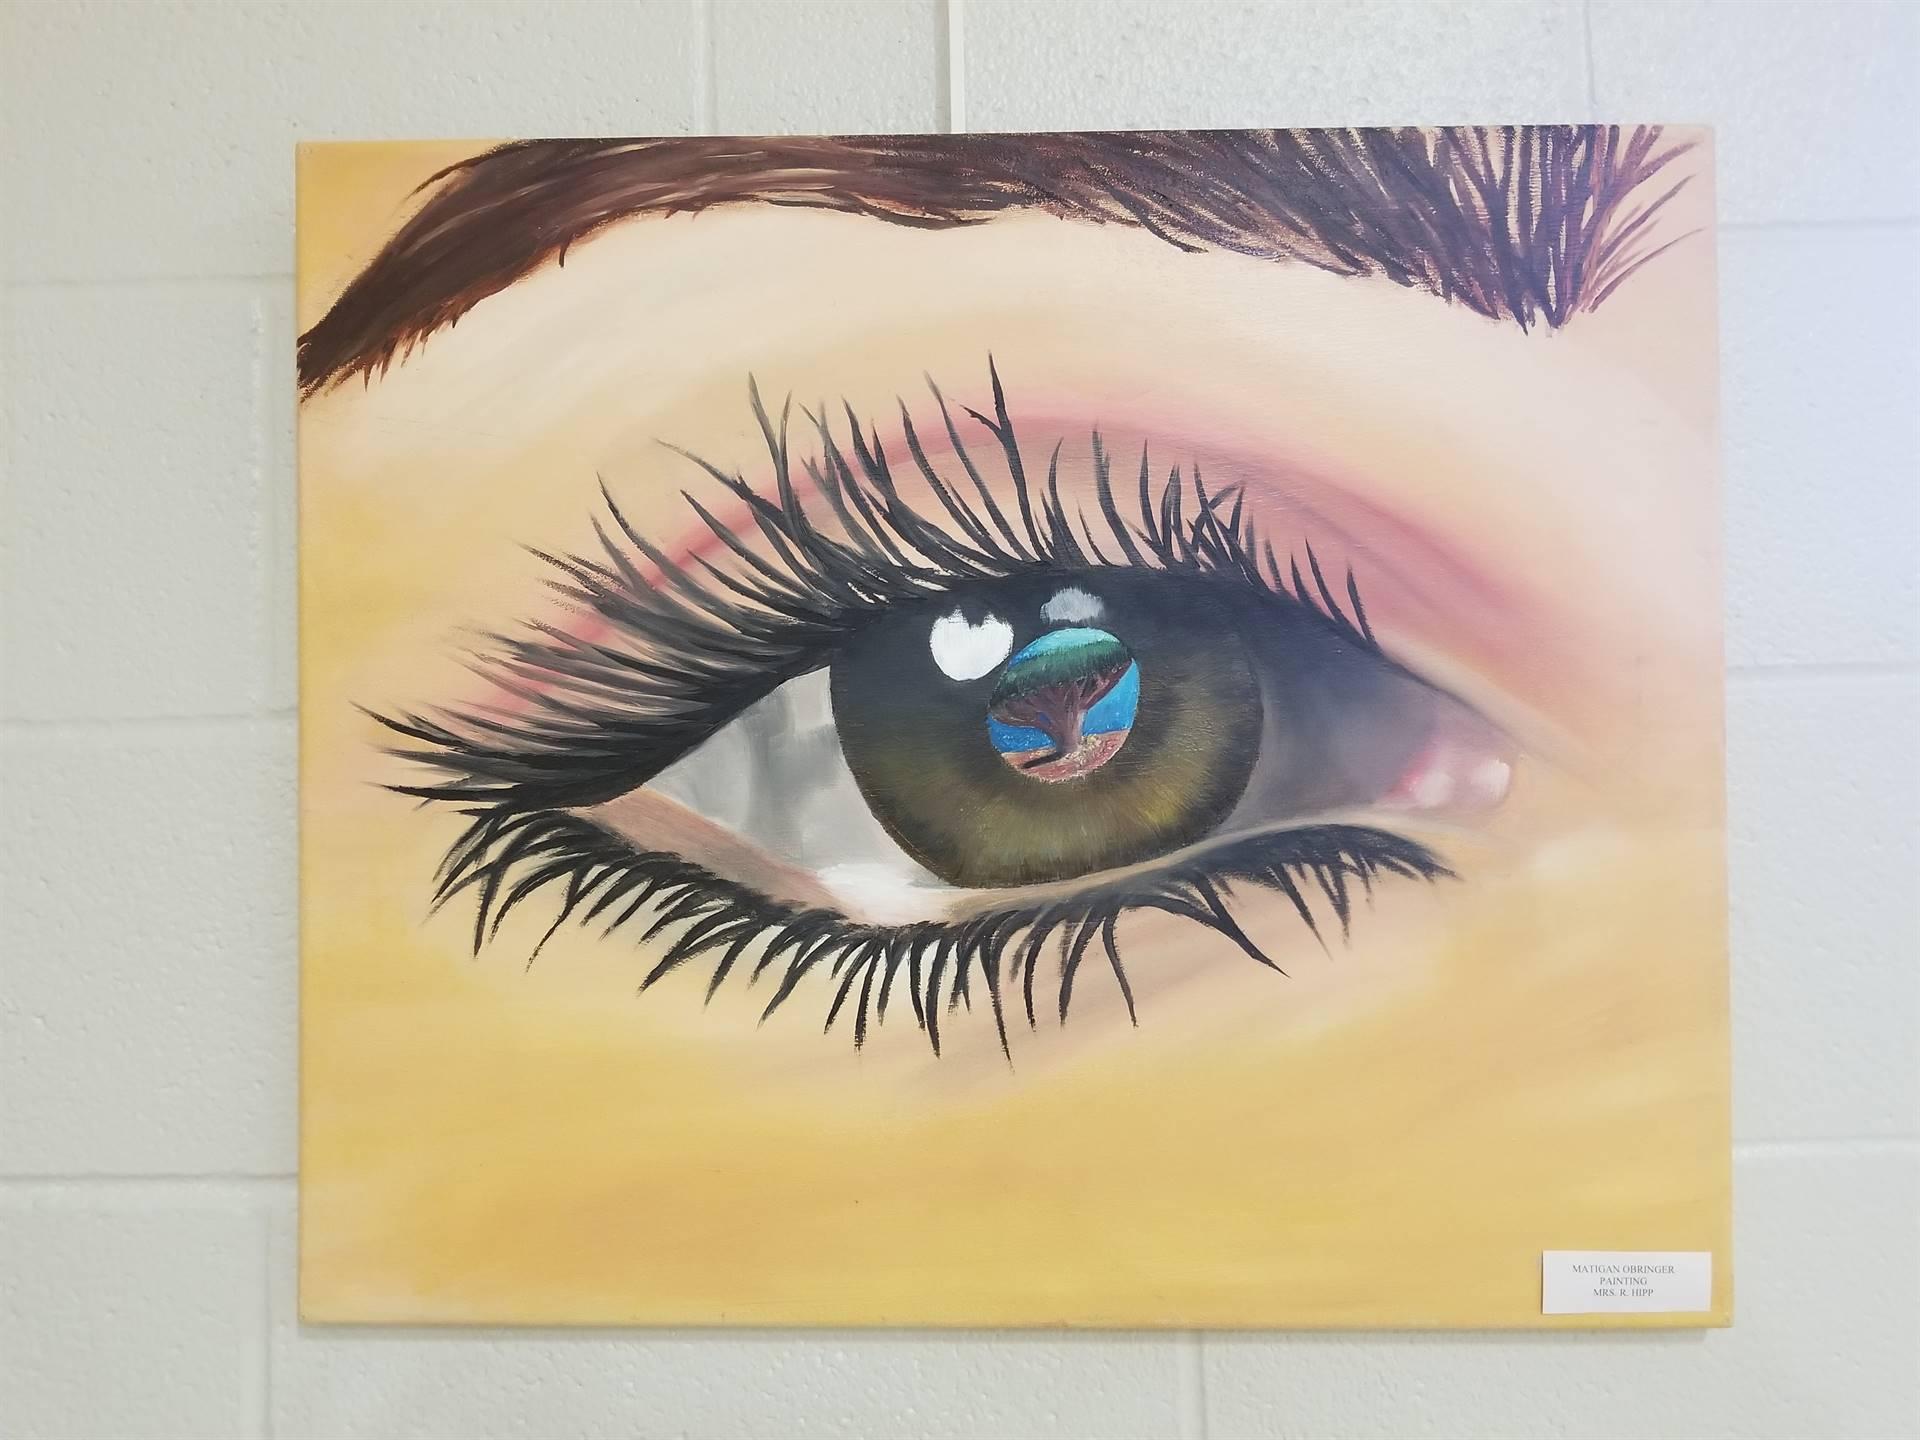 NHS Artwork